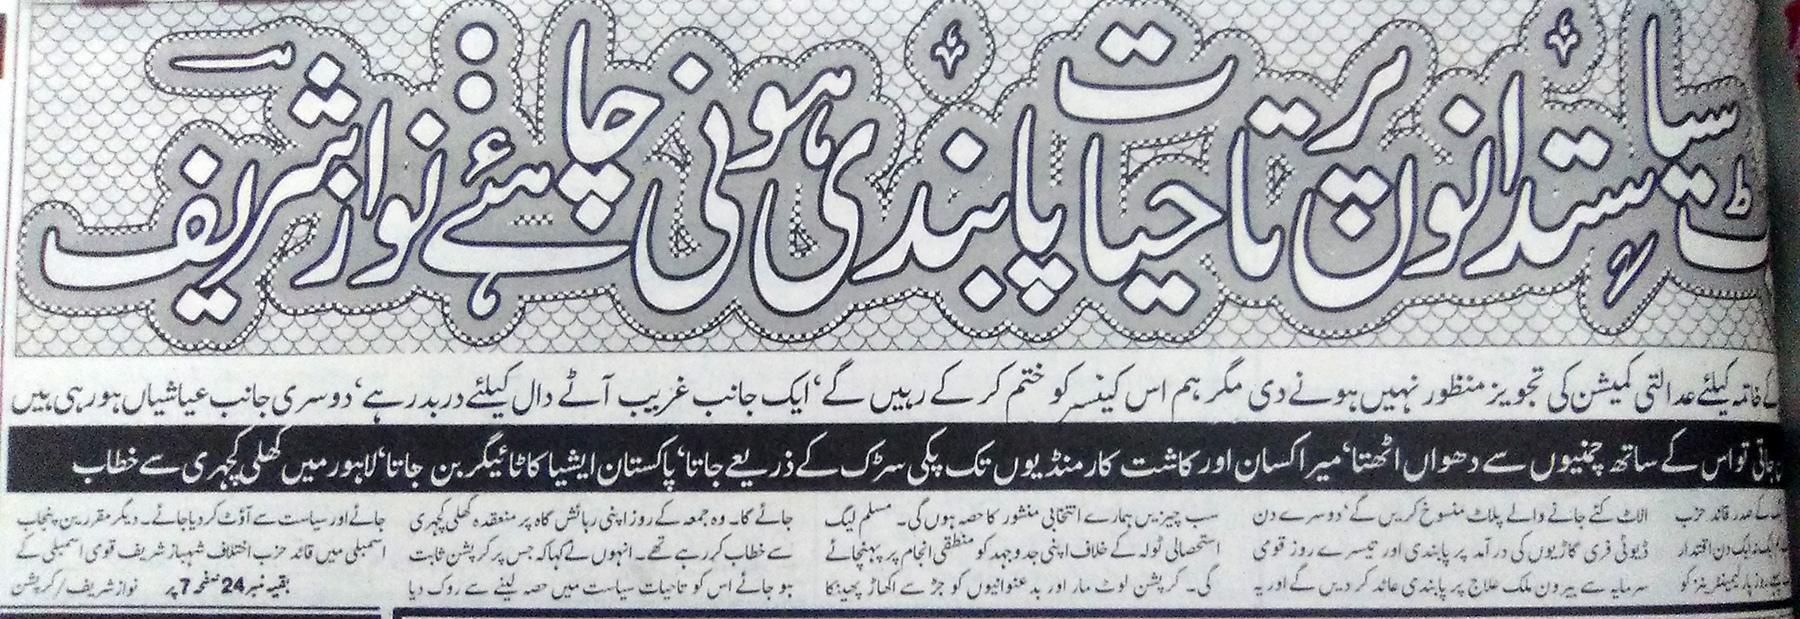 کرپٹ سیاست دانوں پر تا حیات پابندی ہونی چاہیے۔ اپوزیشن لیڈر نواز شریف 25 مئی 1996